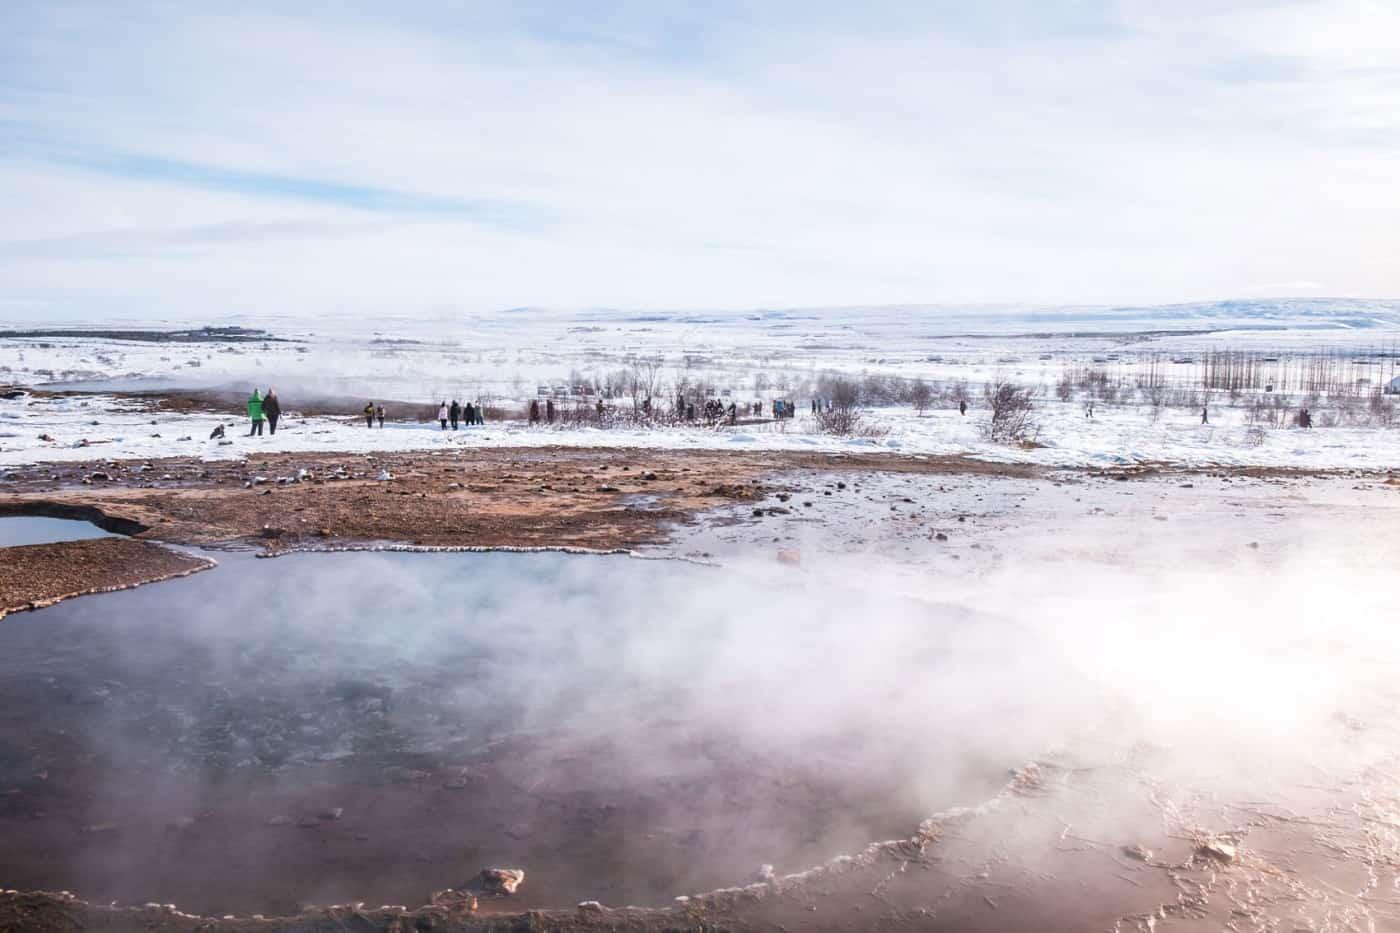 visitar islandia no outono